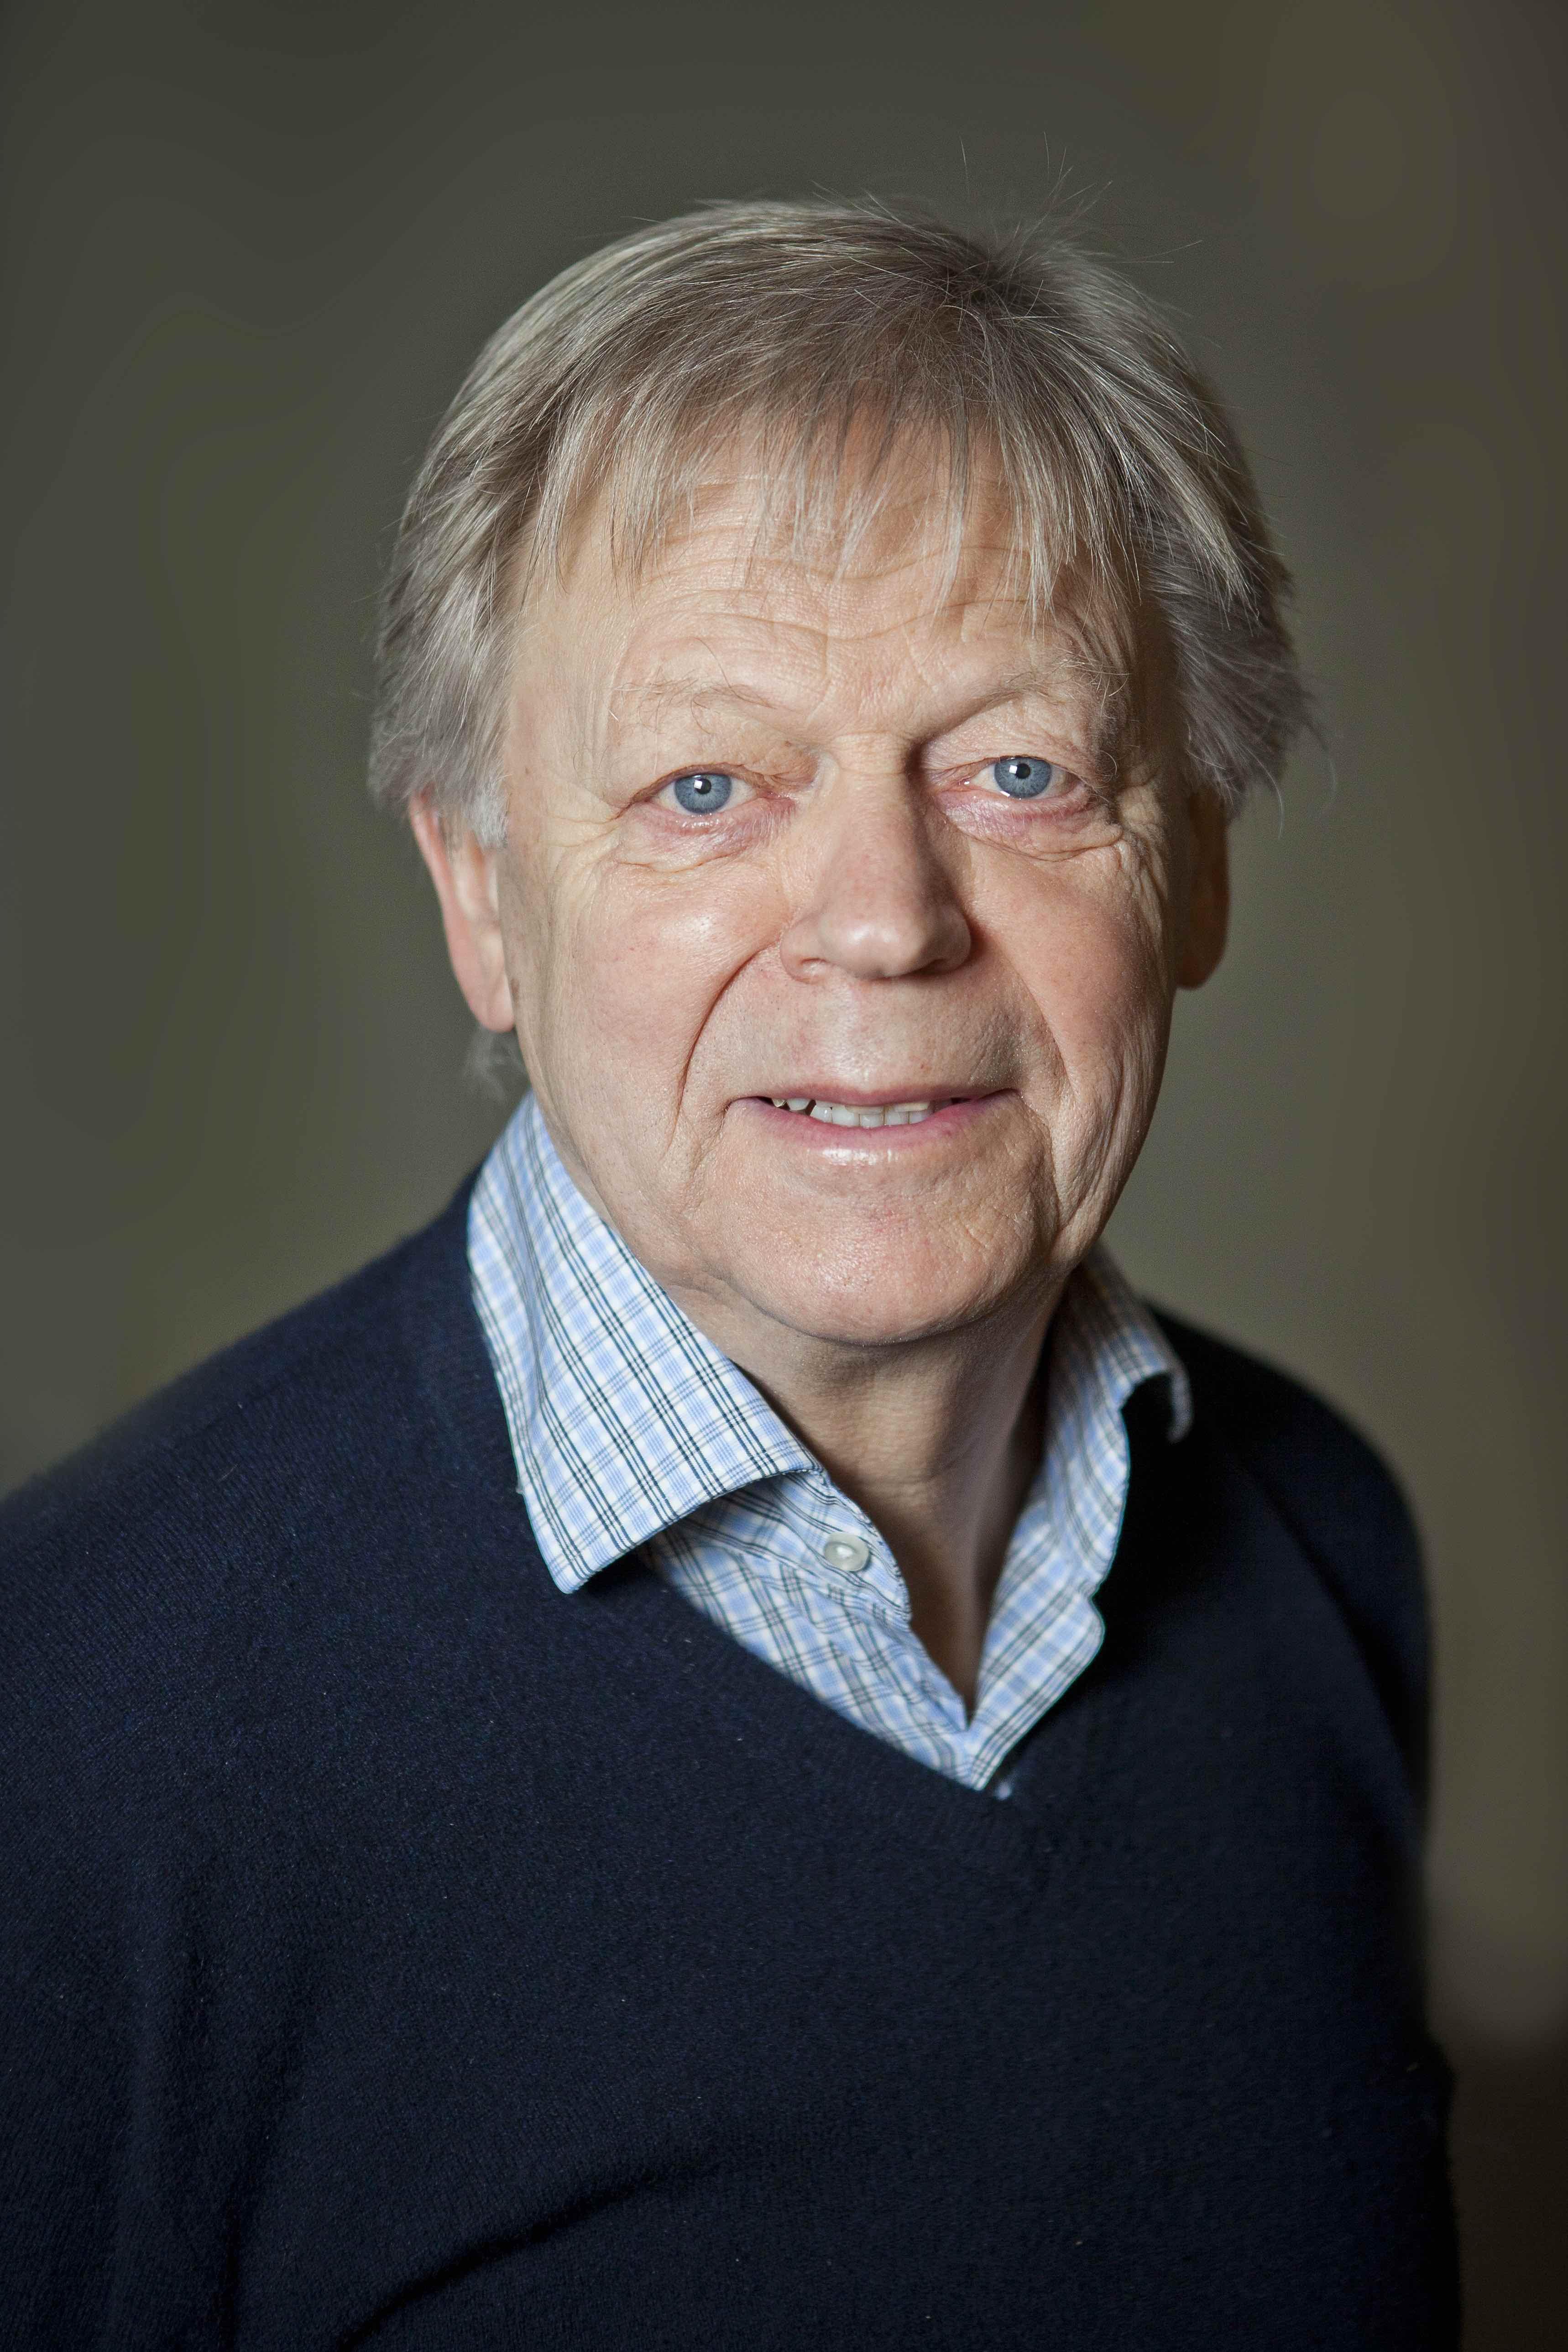 Olav Korsnes portrett